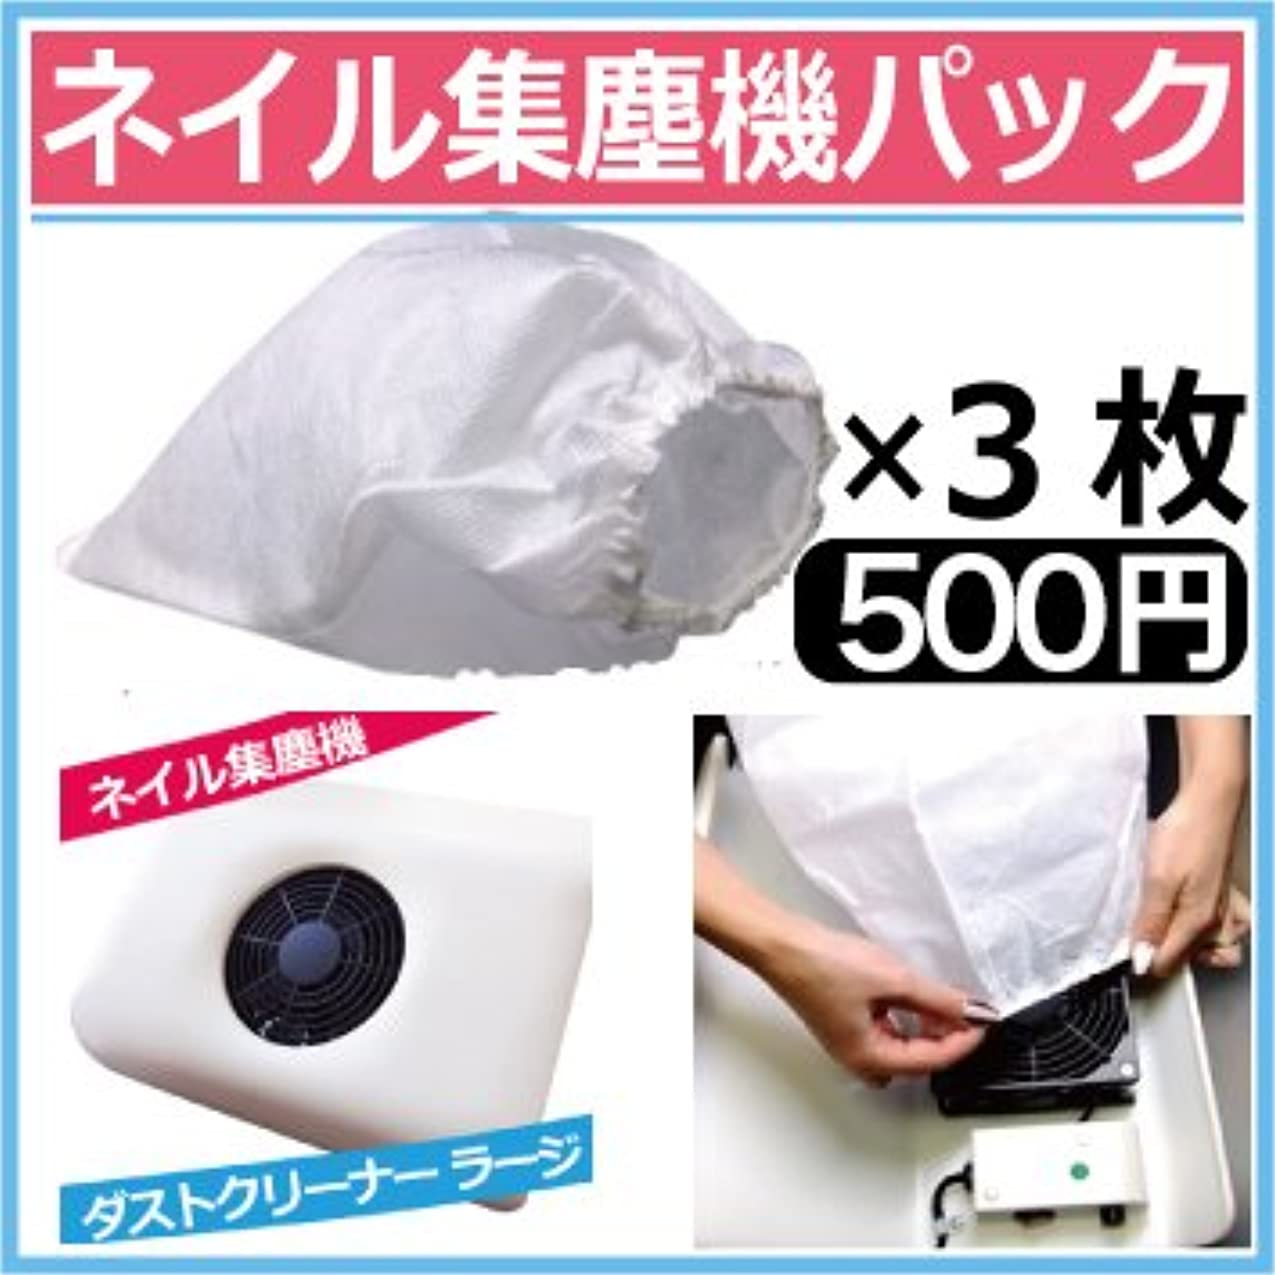 バリー治療ワックスダスト集塵機用 替えバッグ 3枚セット